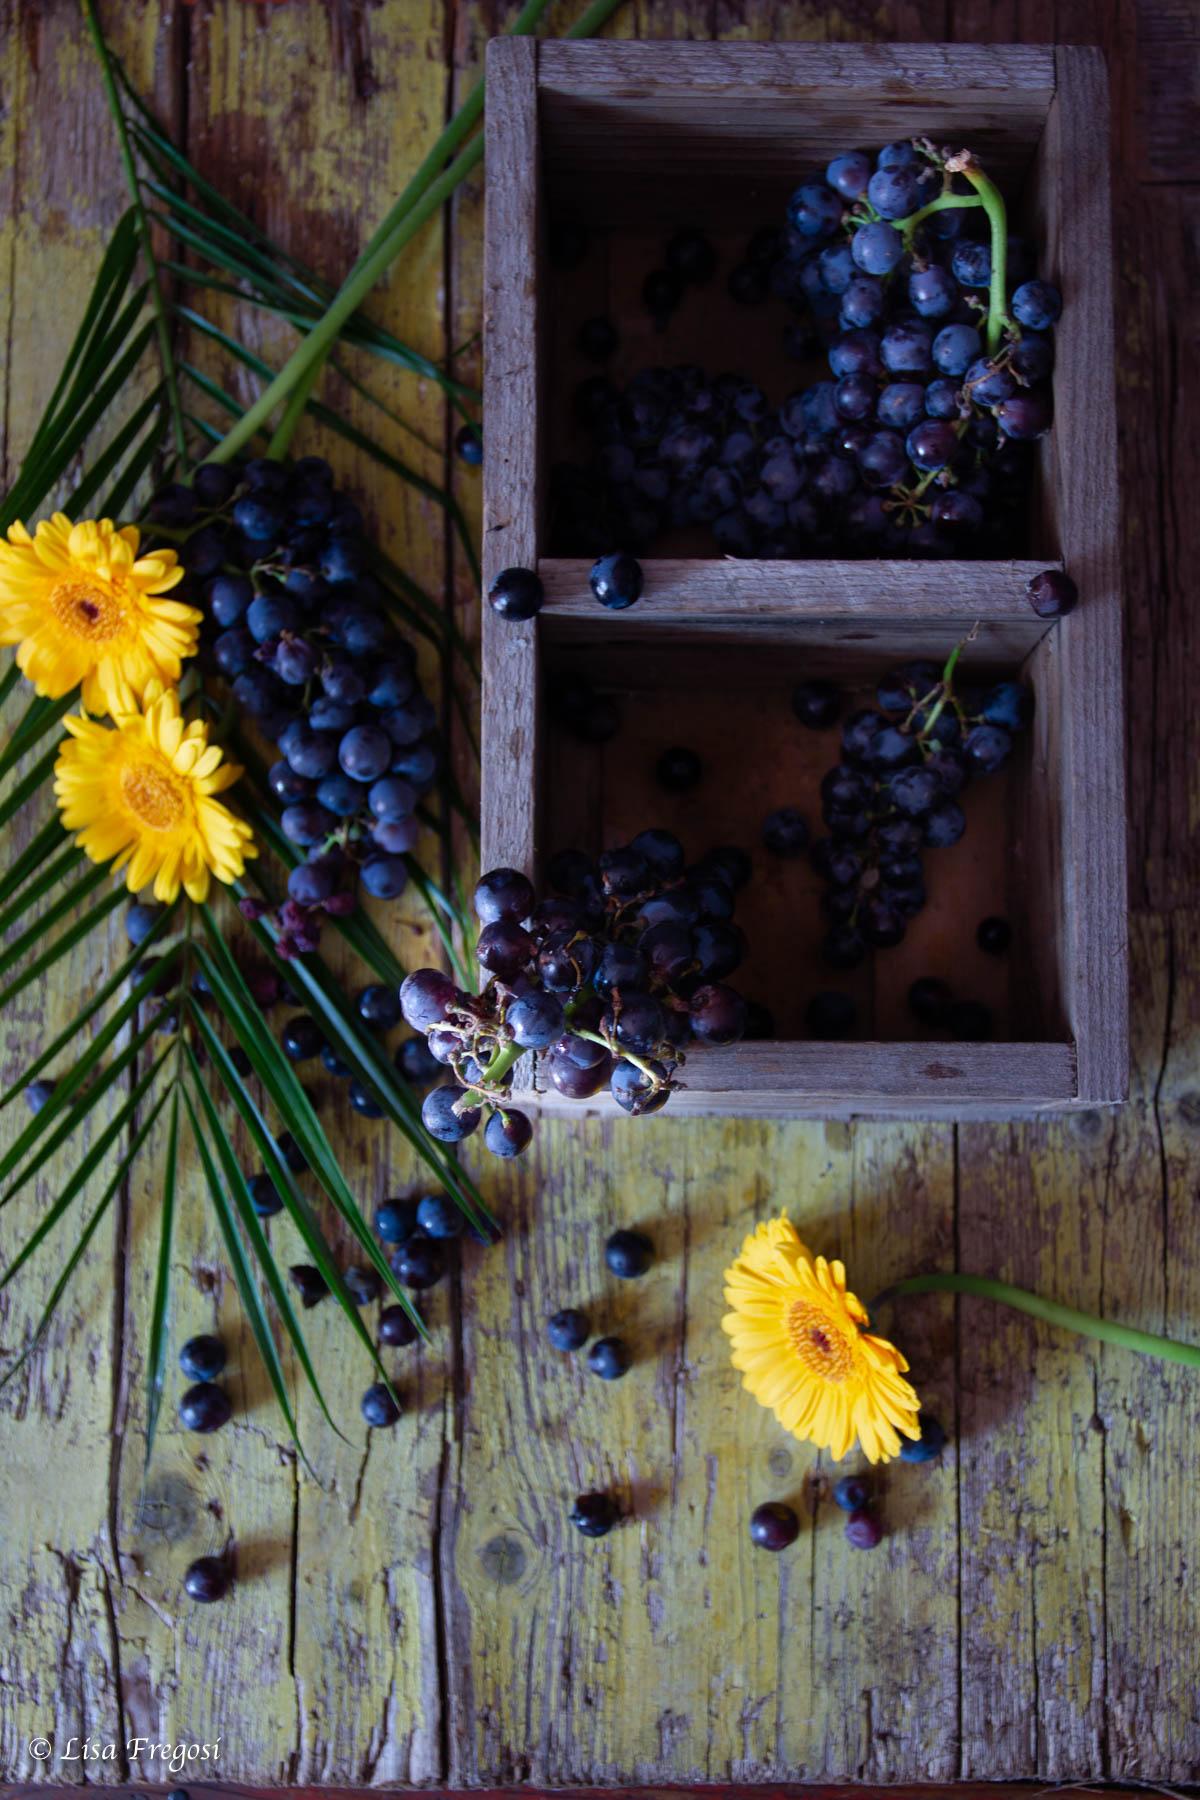 uva canaiola